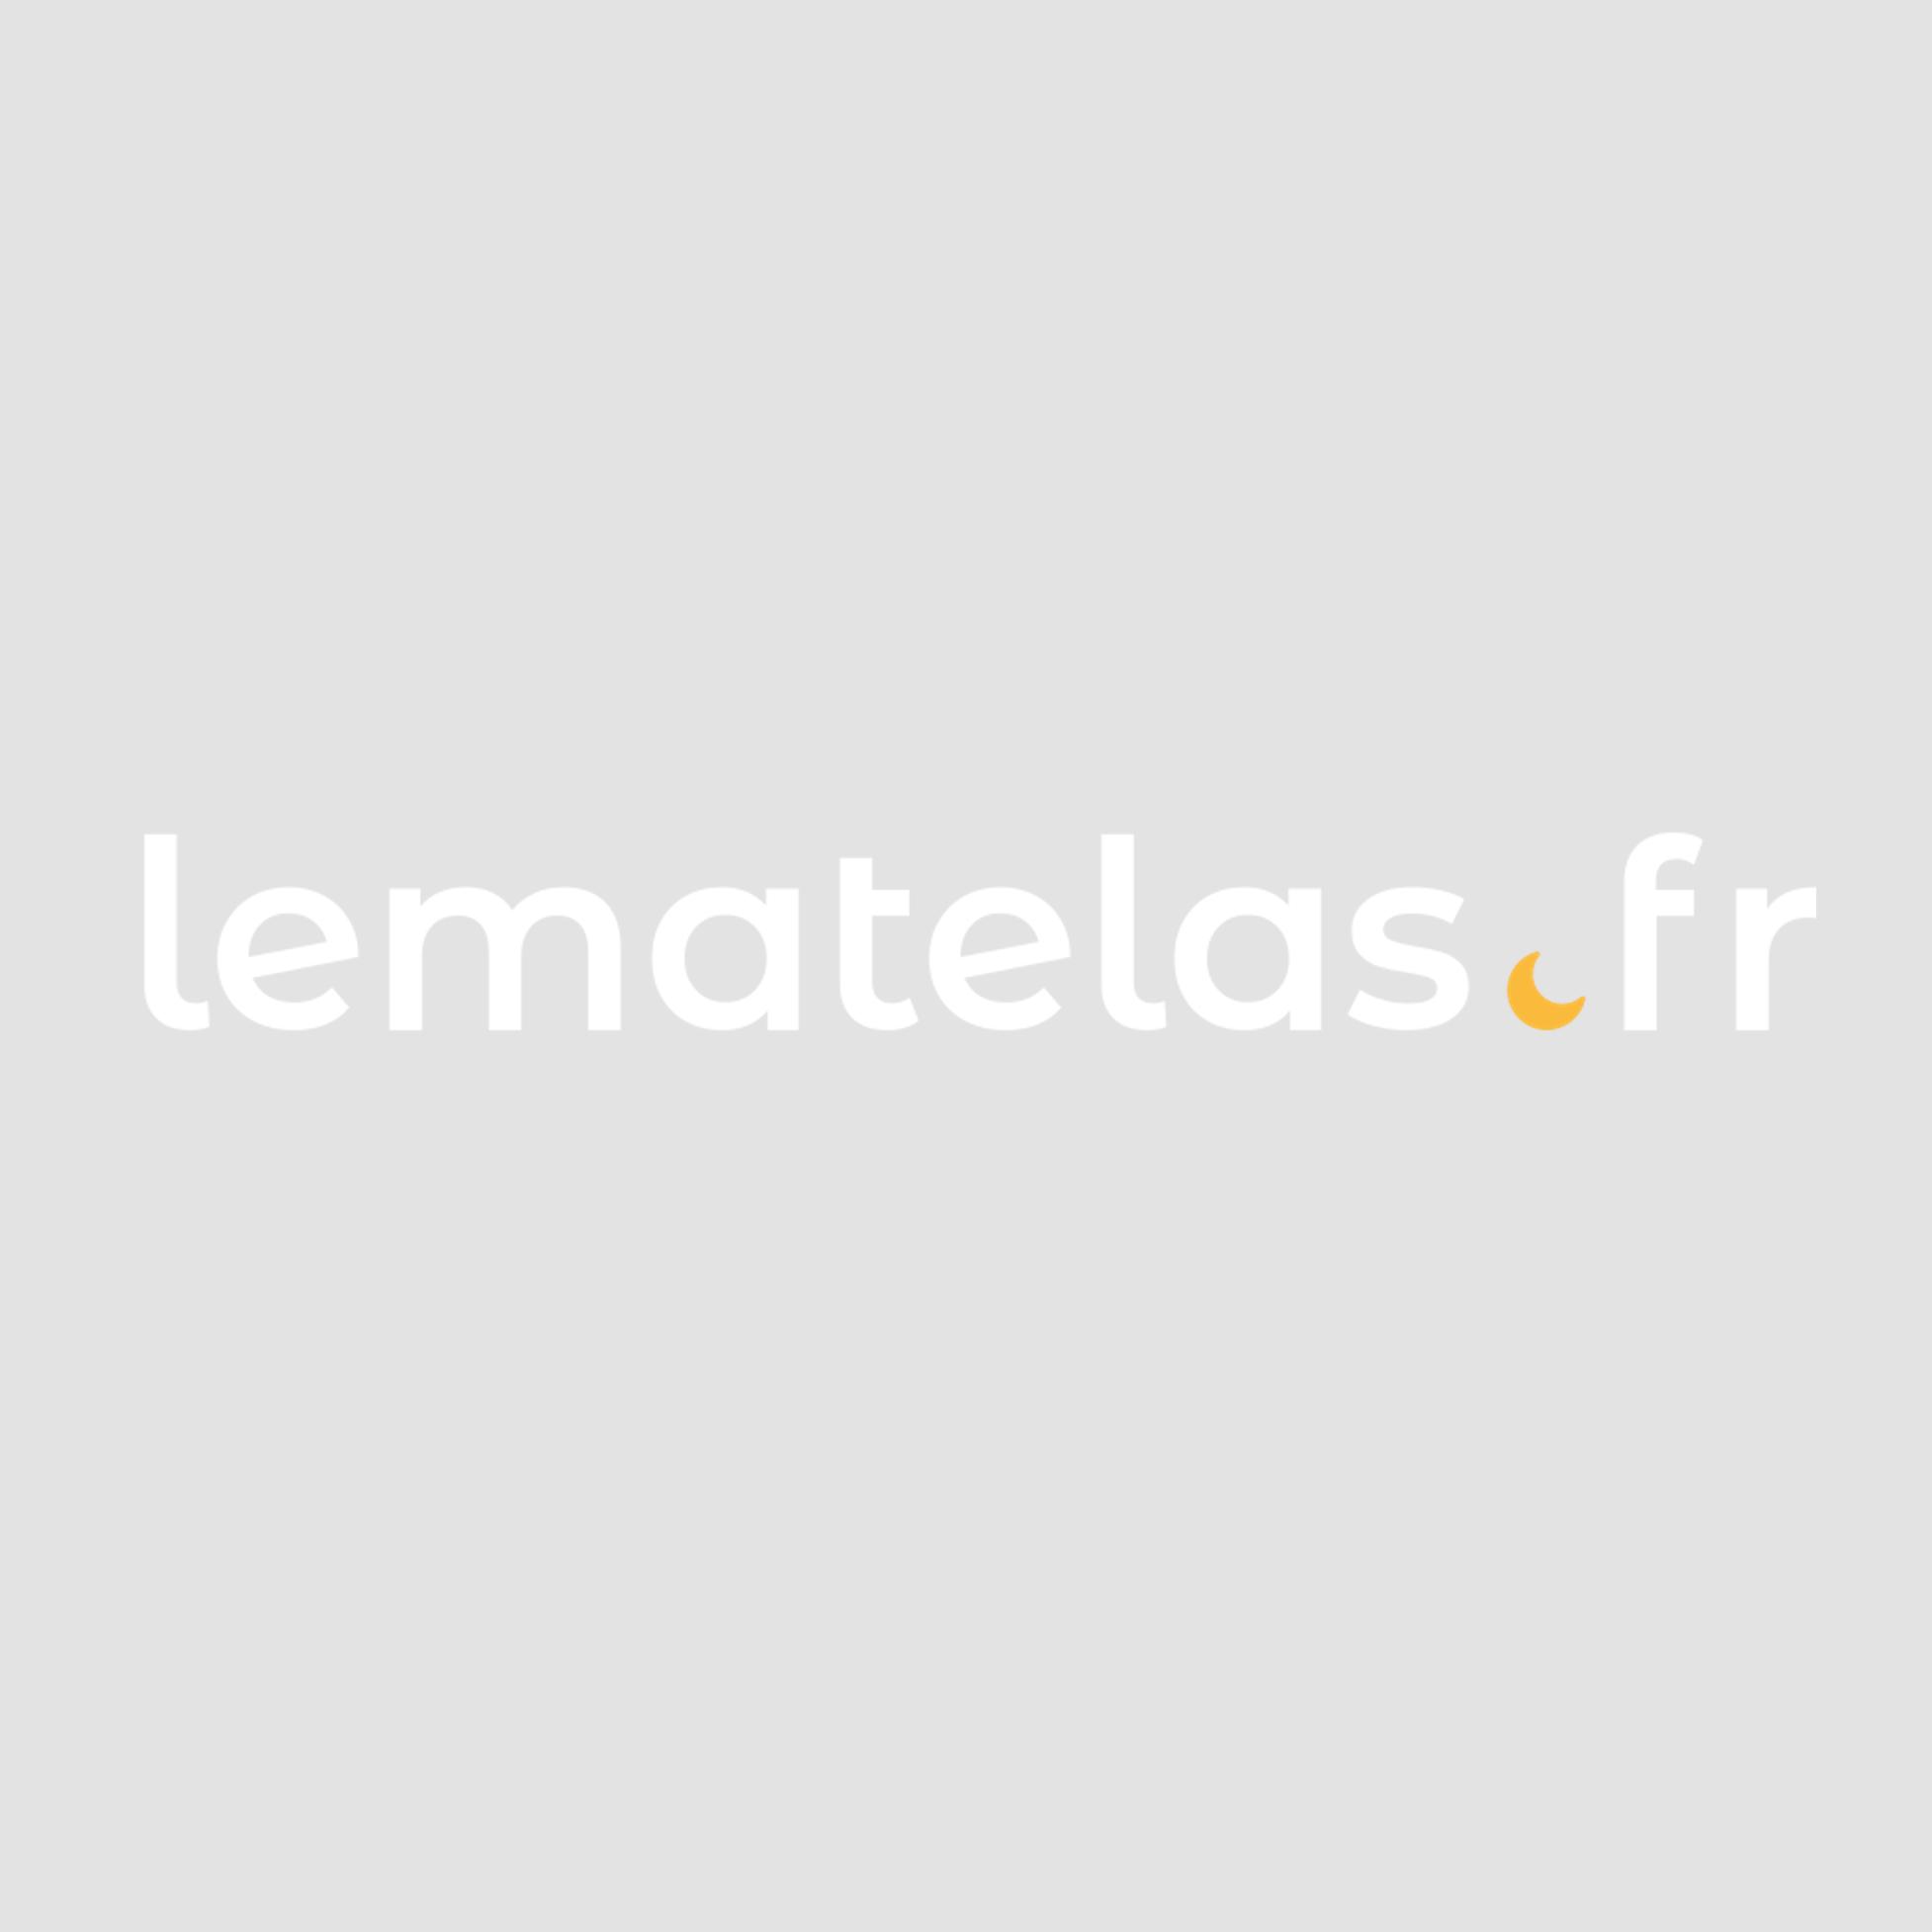 Lit en métal blanc - LT4004